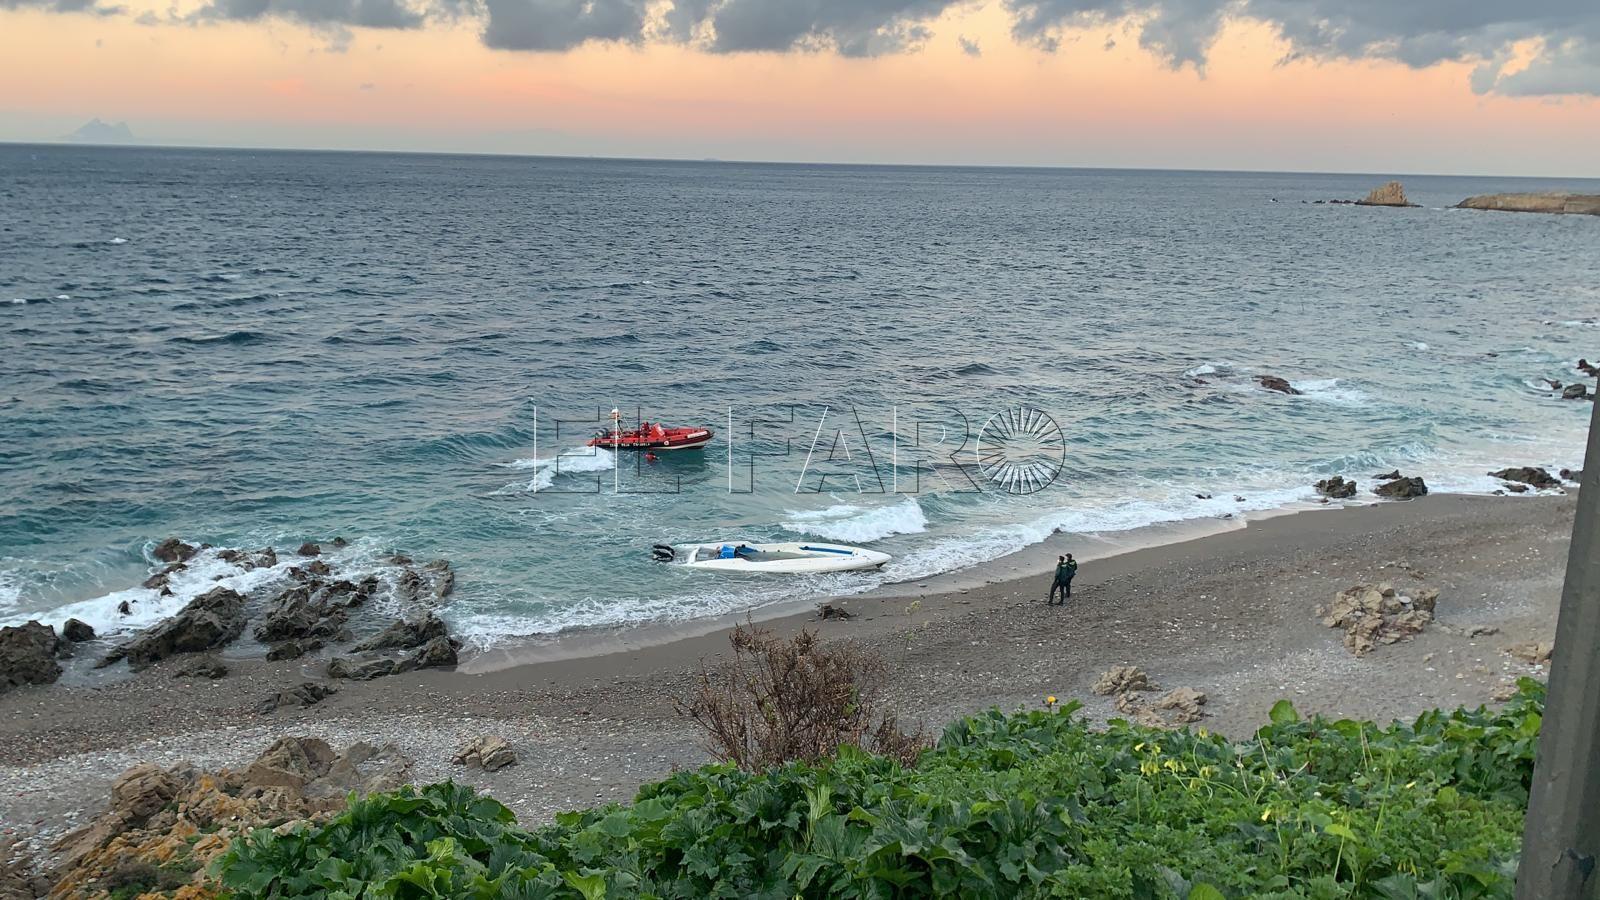 embarcacion-playa-santa-catalina-orilla